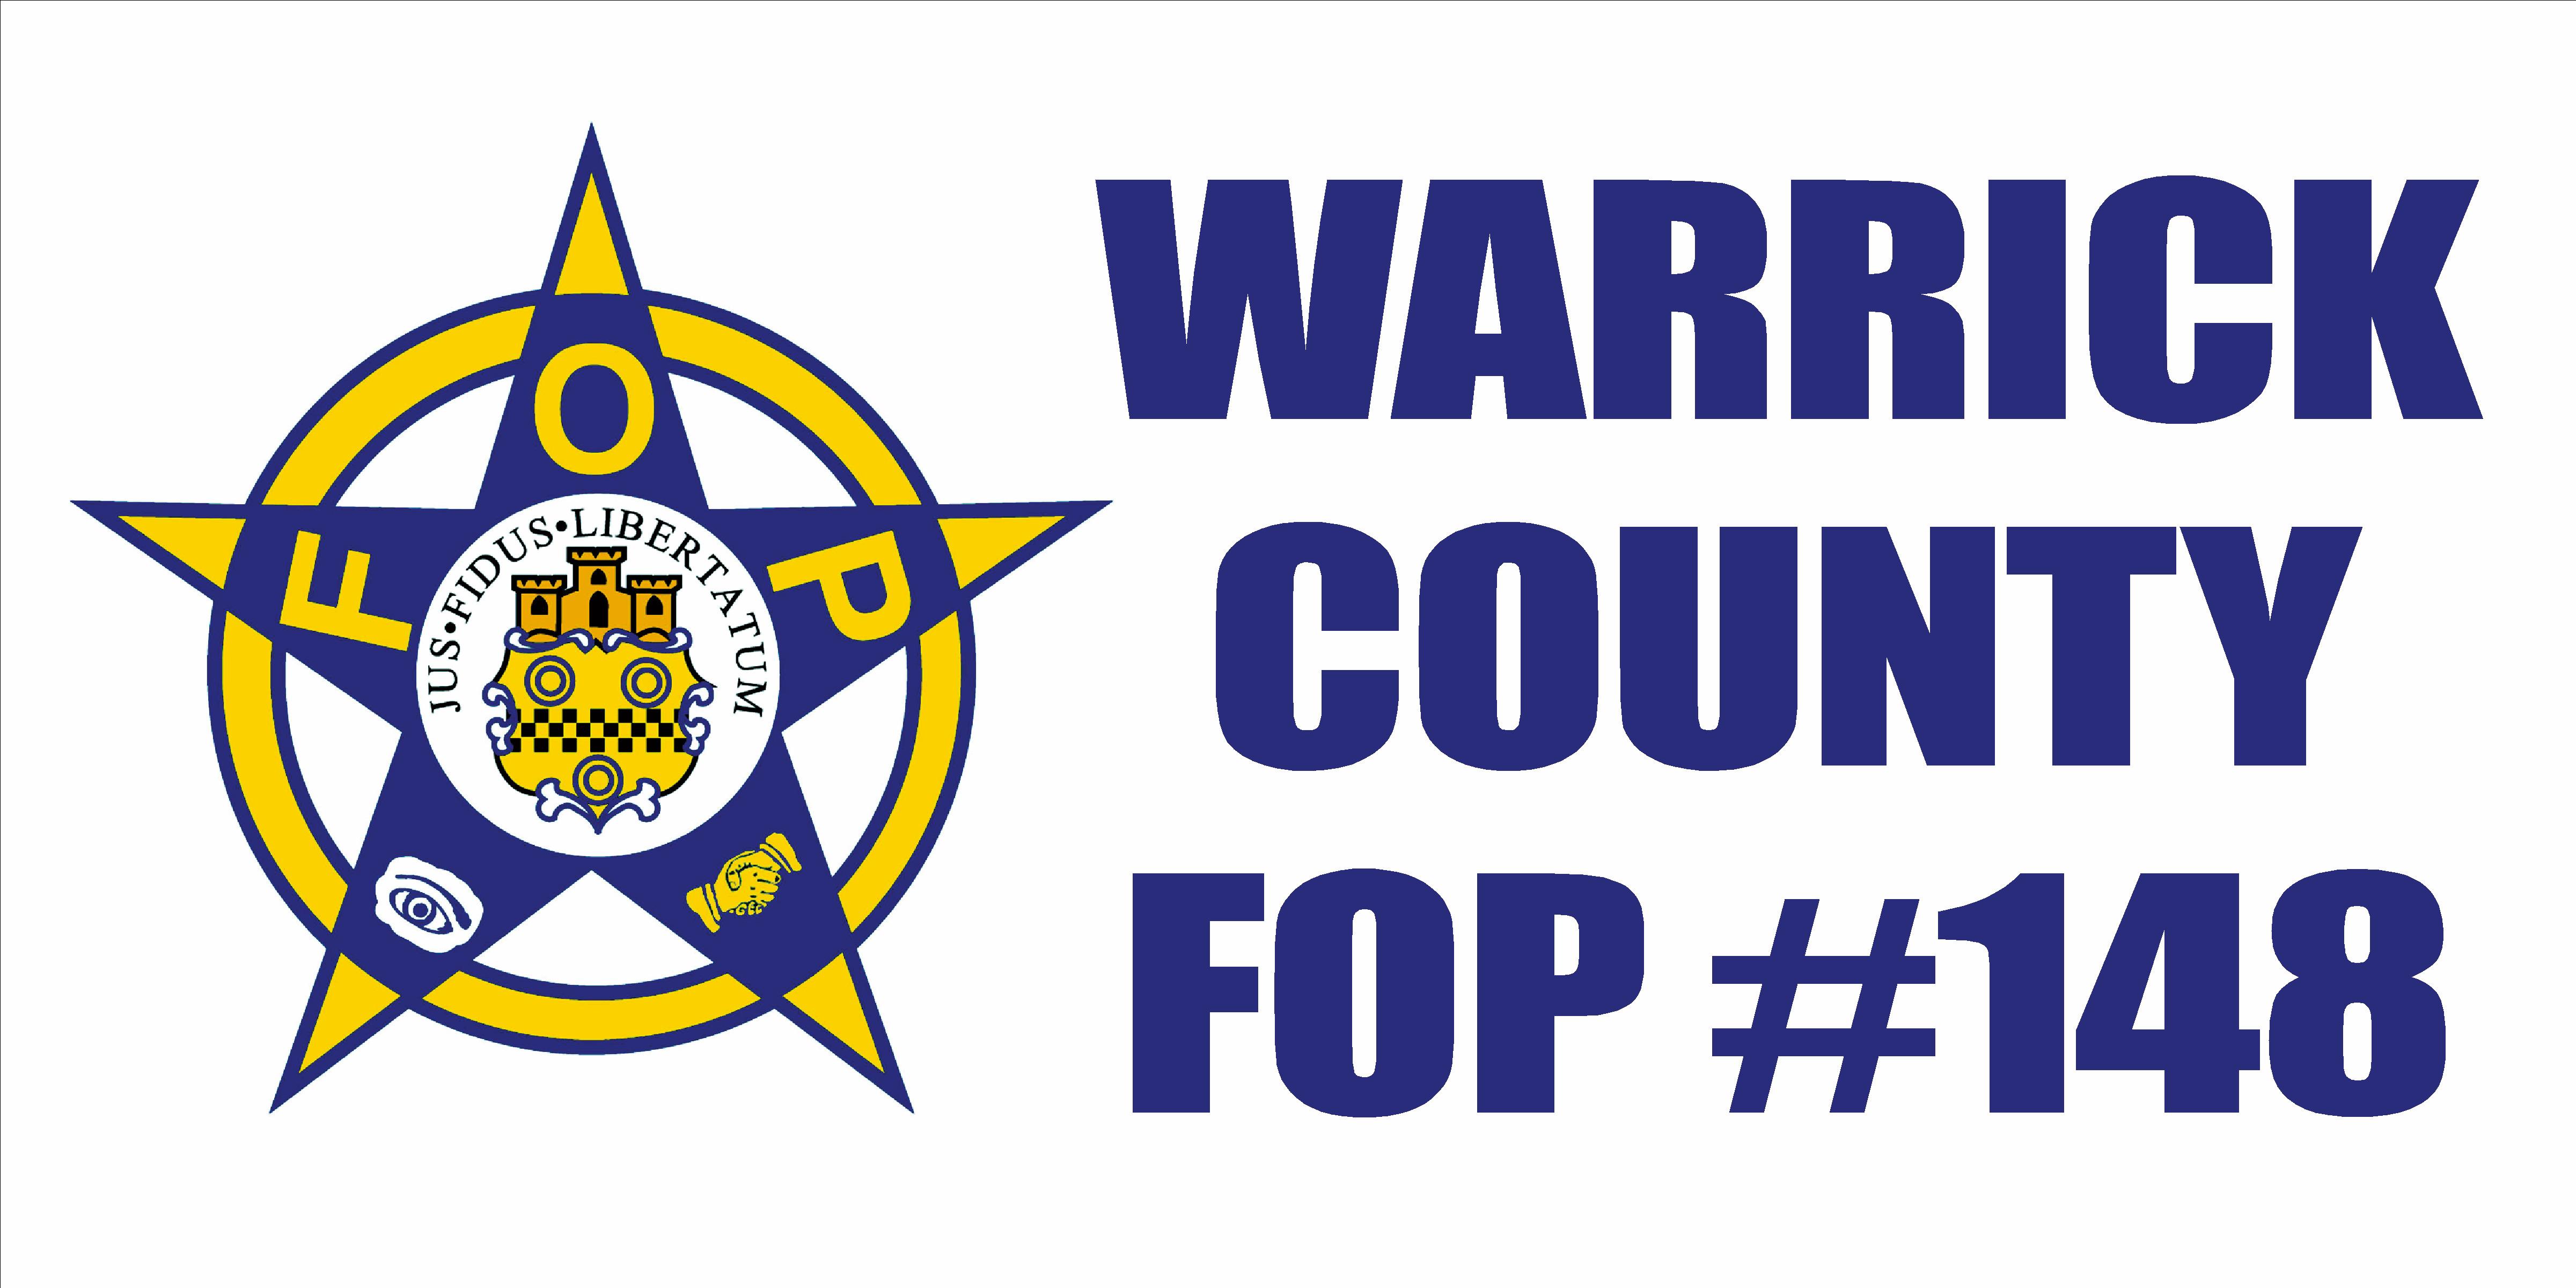 Warrick County FOP #148